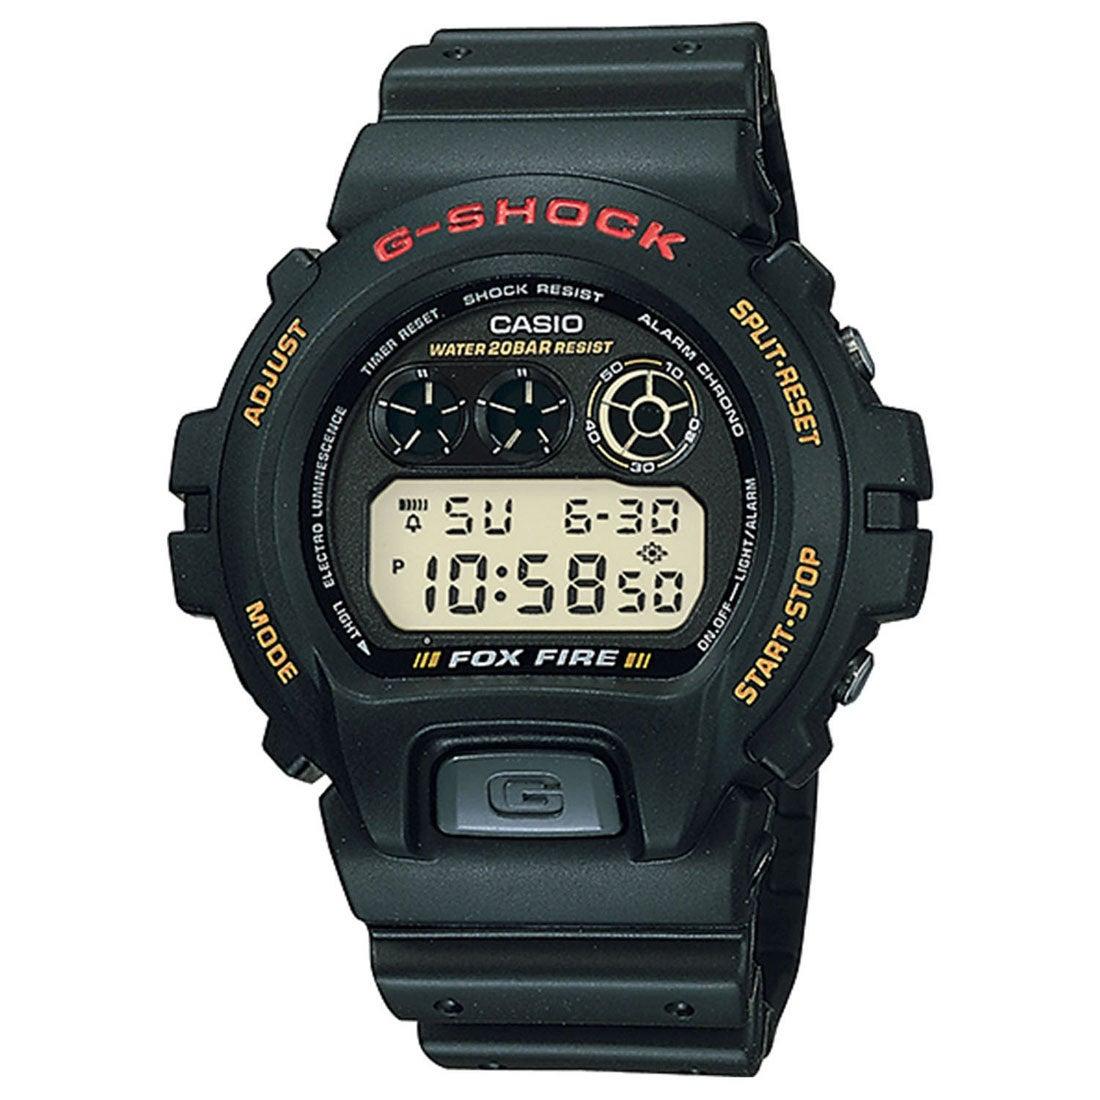 ロコンド 靴とファッションの通販サイト【G-SHOCK】スタンダードモデル / DW-6900B-9 (ブラック)